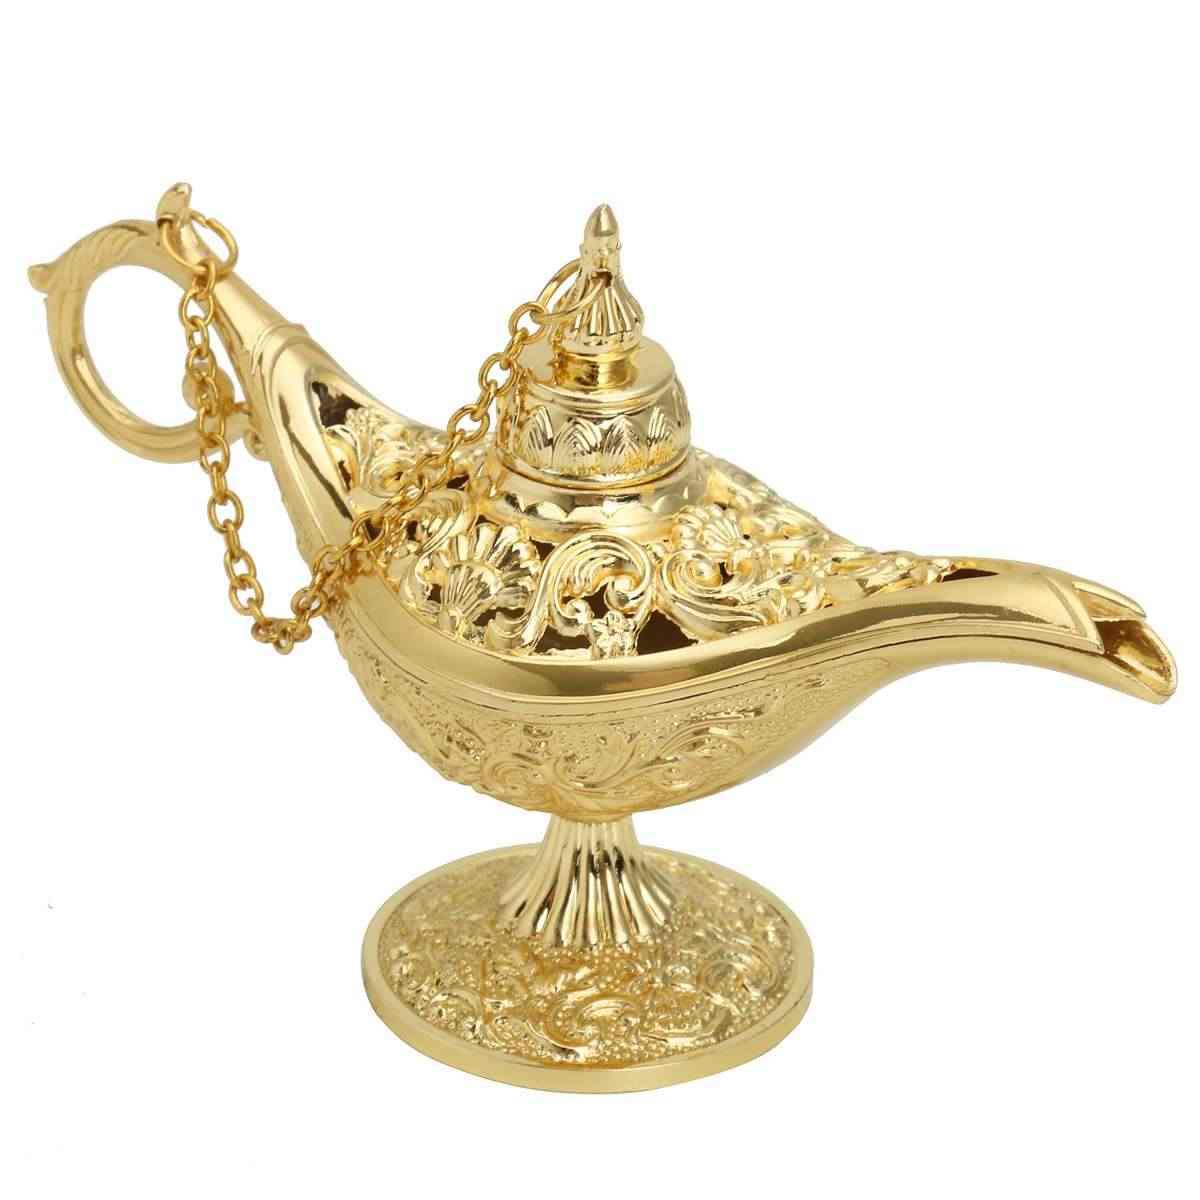 12,8x8,2 см Коллекционная Классическая резная редкая Легенда Лампа Алладина волшебный свет Лампа Металл золото Zincalloy домашний декор ремесло подарок новый